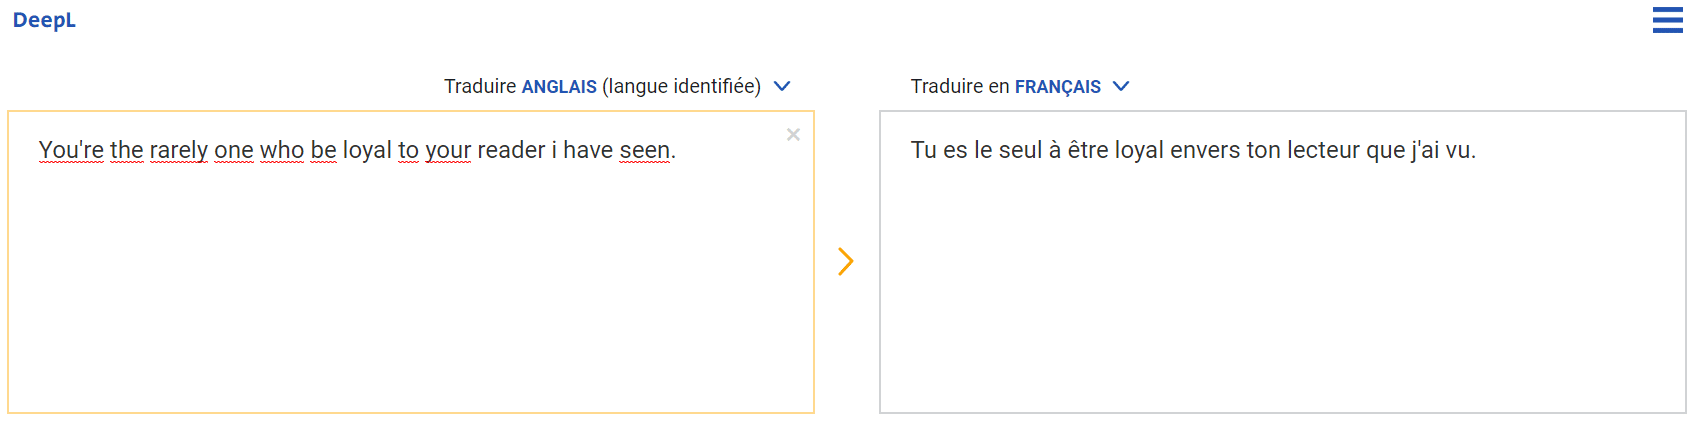 DeepL : un nouveau traducteur en ligne sospc.name 3